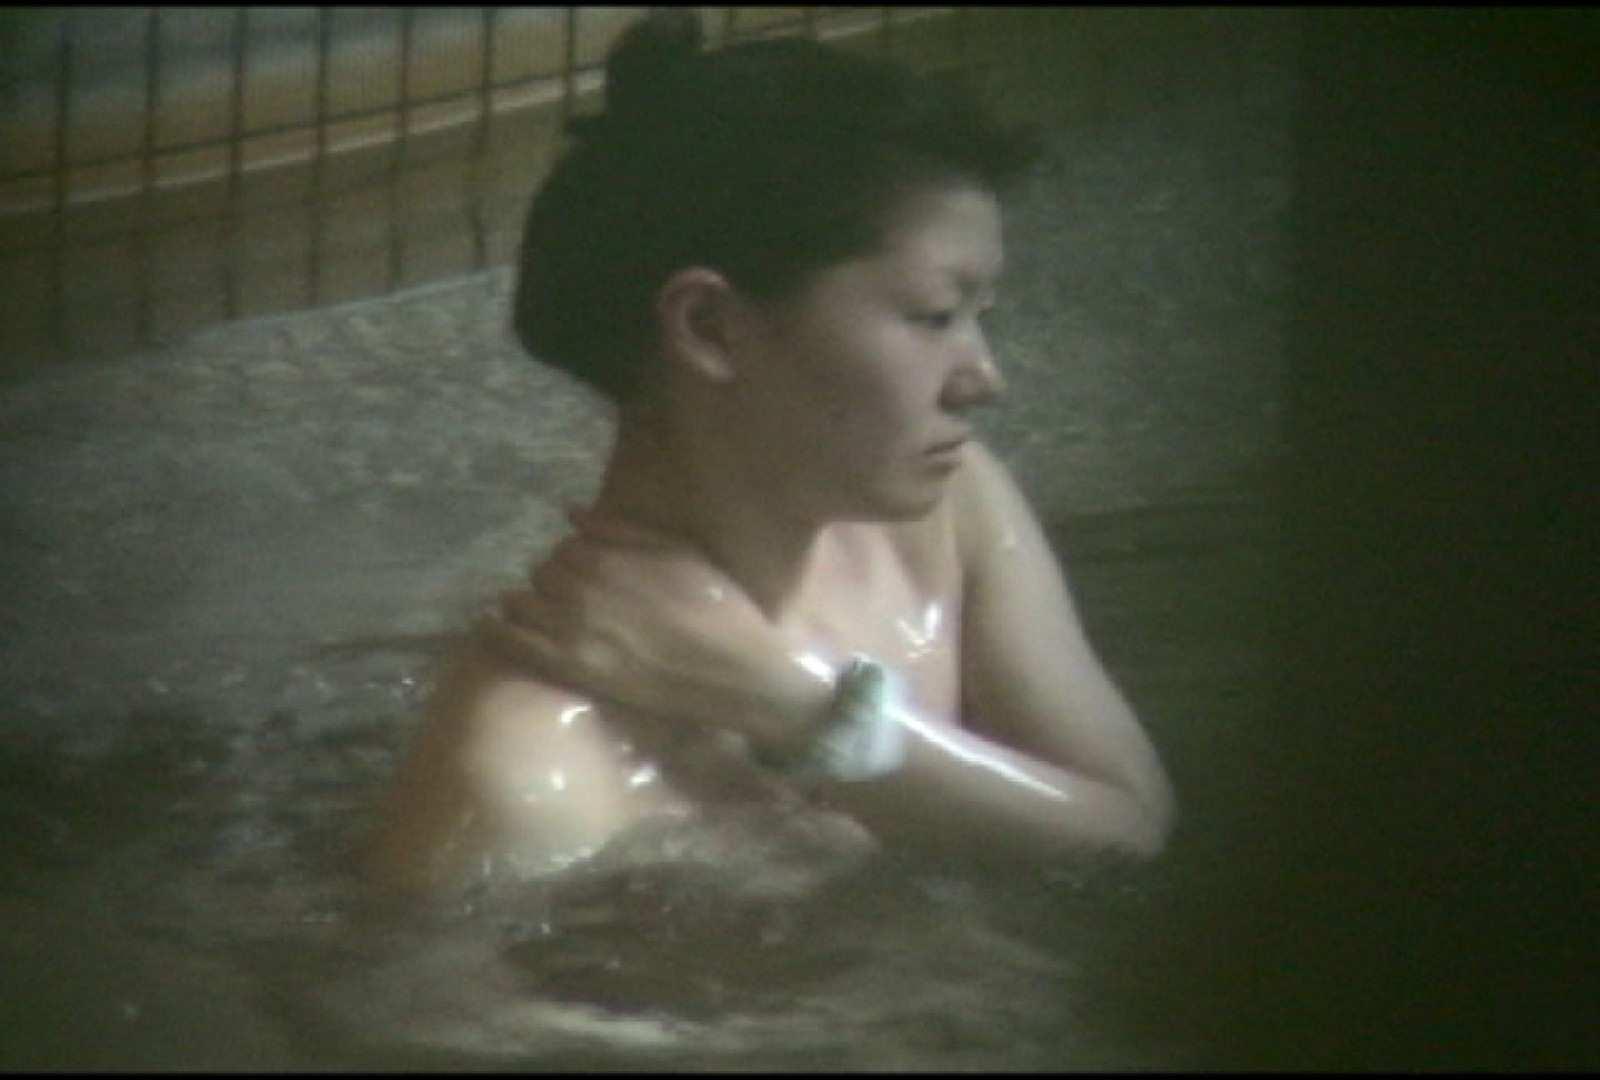 Aquaな露天風呂Vol.699 盗撮 覗きおまんこ画像 104連発 44